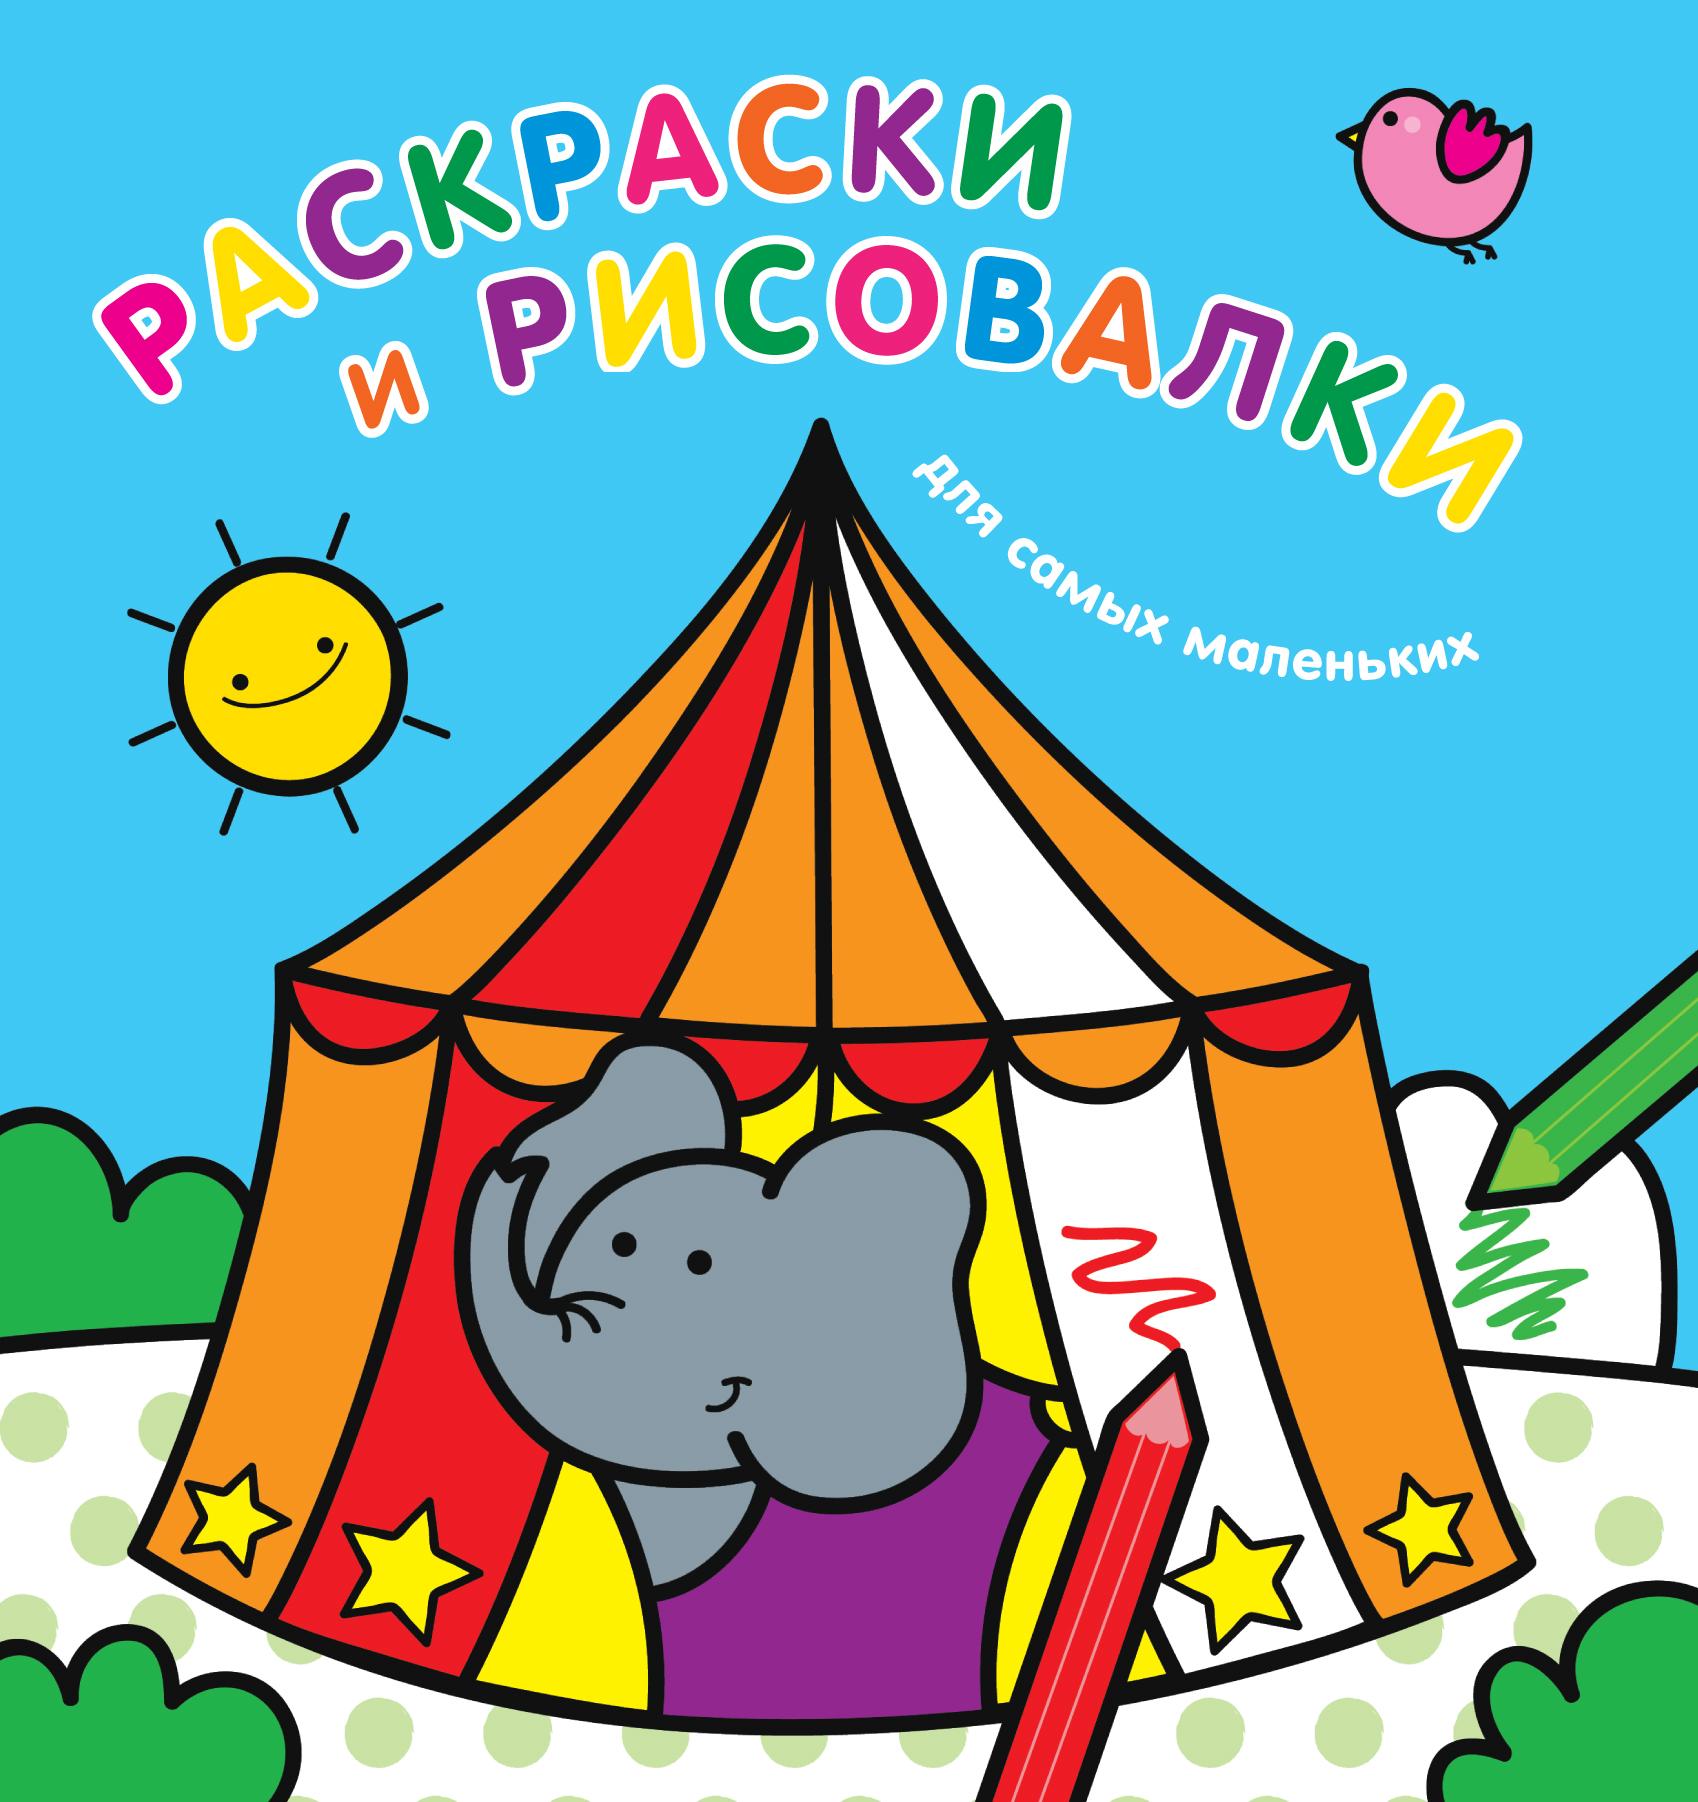 и рисовалки для самых маленьких (слоненок)